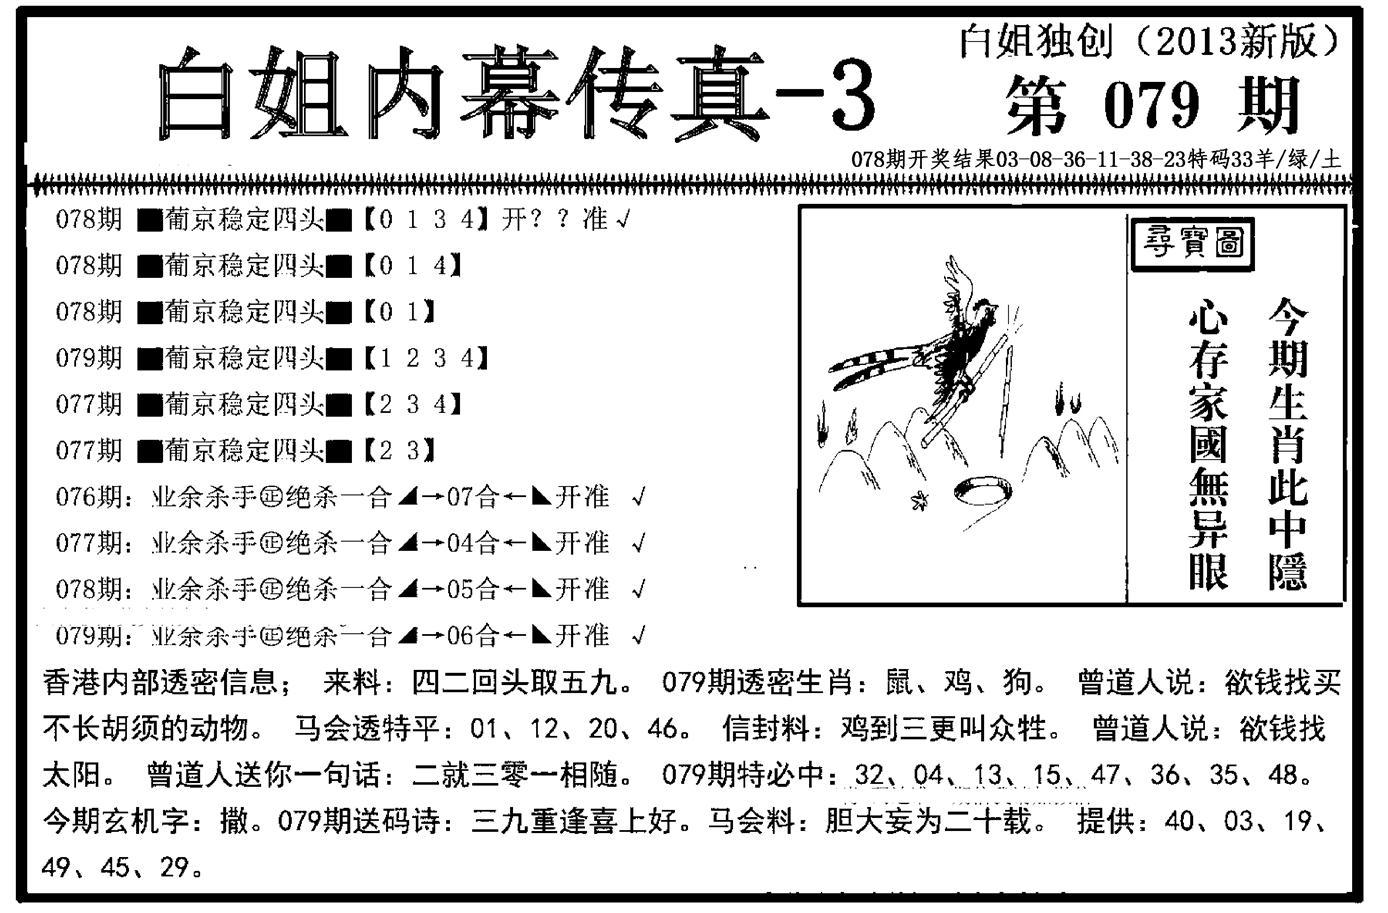 079期白姐内幕传真-3(黑白)